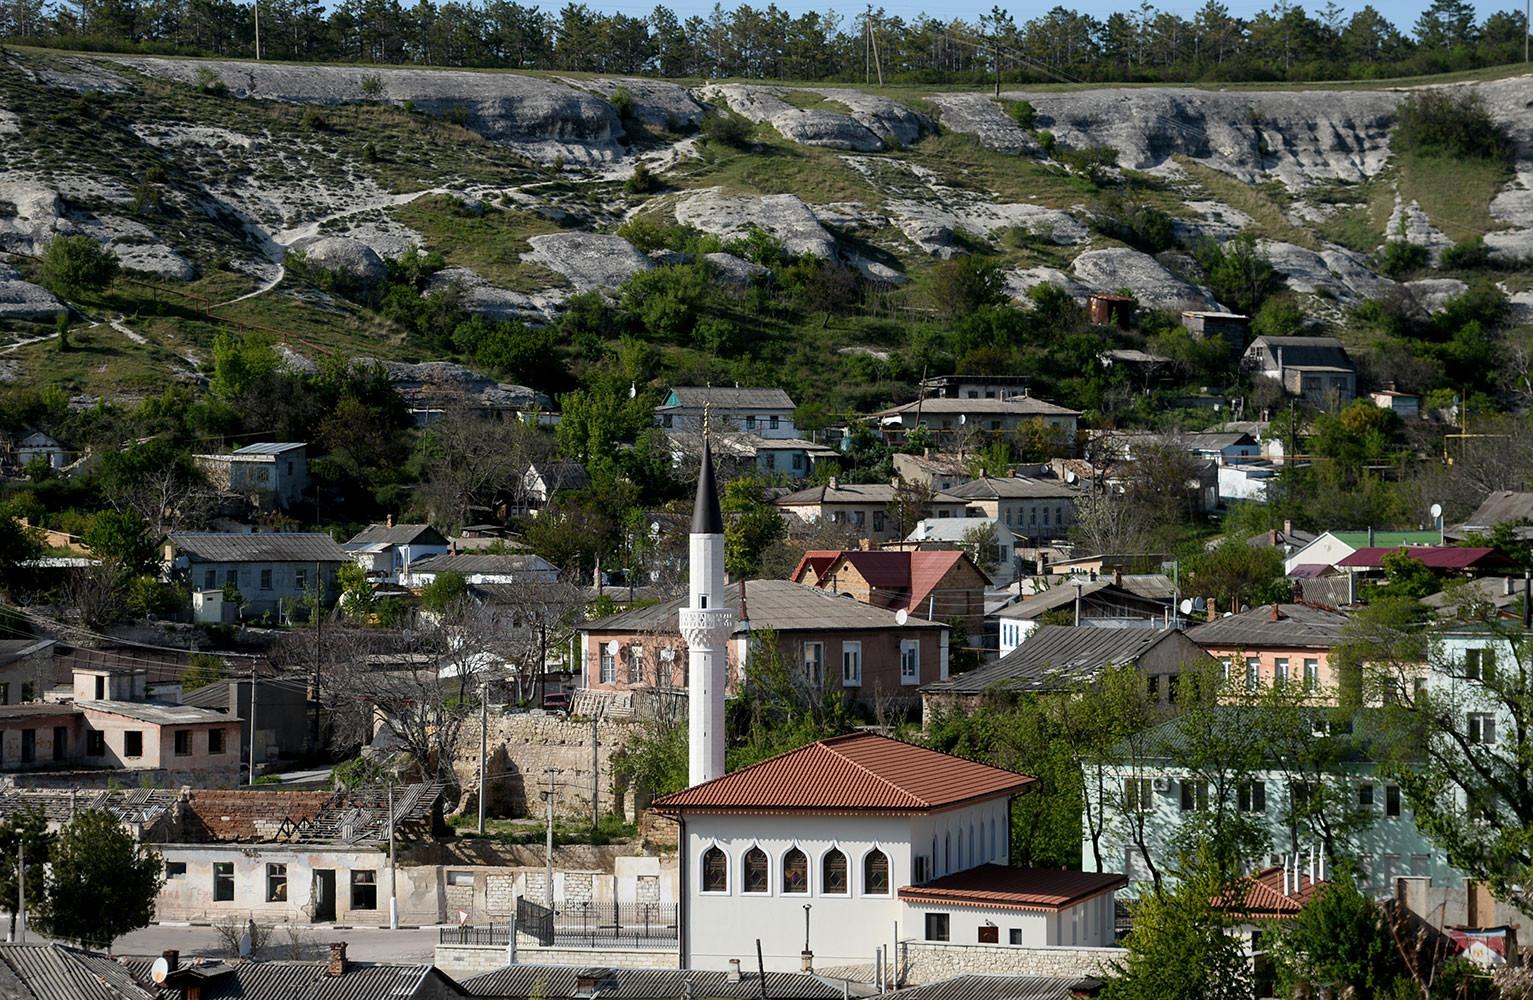 ФСБ пресекла деятельность ячейки «Хизб ут-Тахрир» в Крыму»